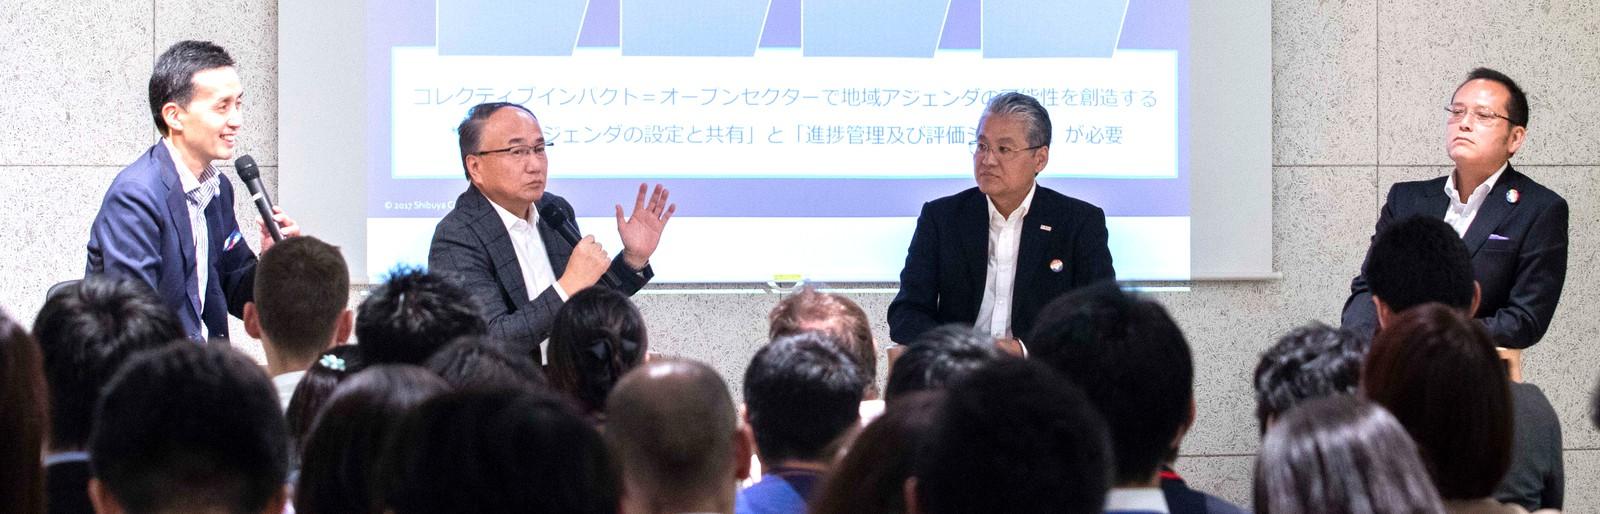 「渋谷区でコレクティブ・インパクトを次々と起こしていくには?」パネルトークの様子